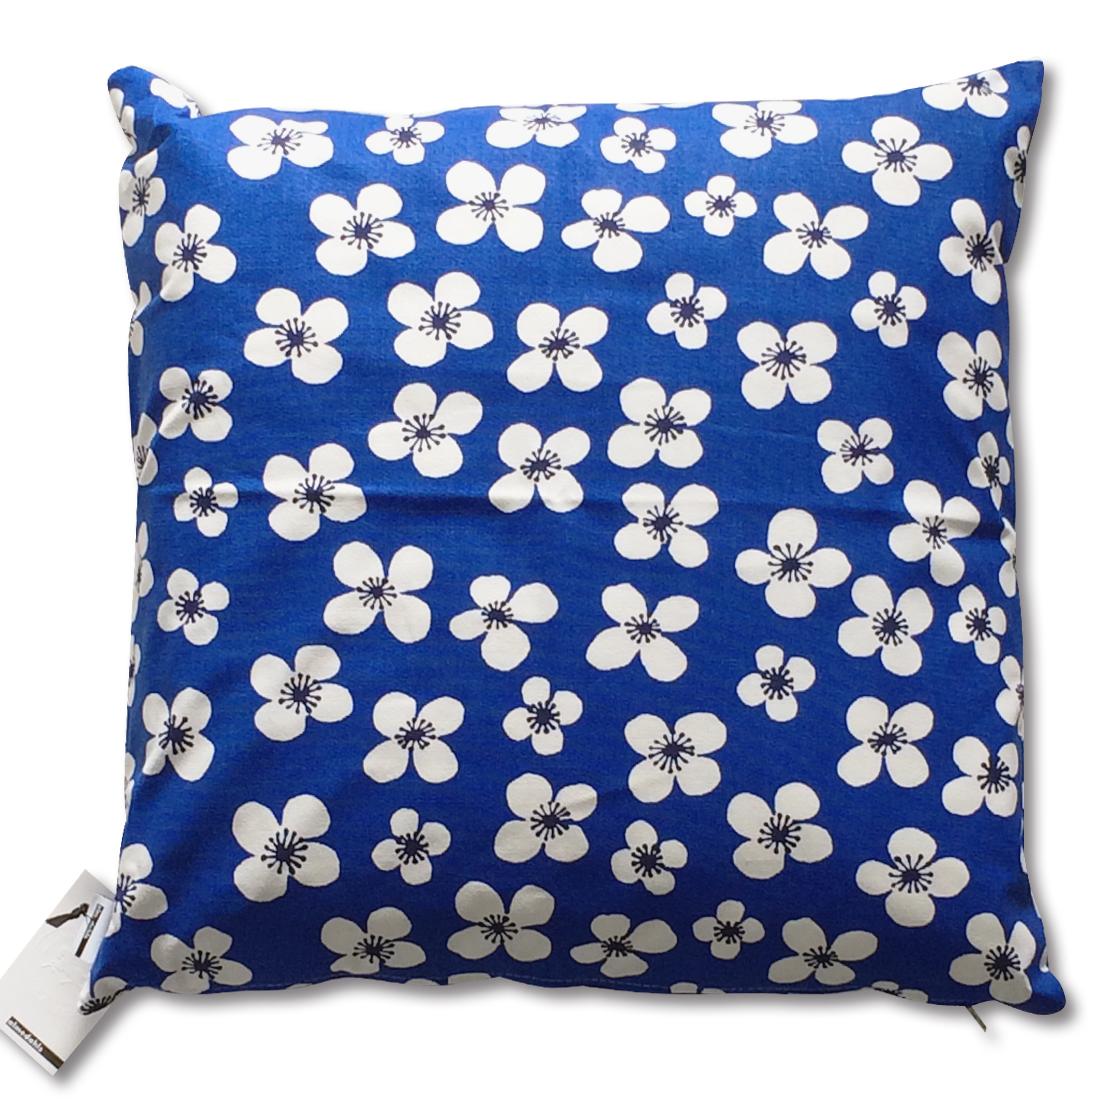 クッション Belle Amie ブルー 約45×45cm